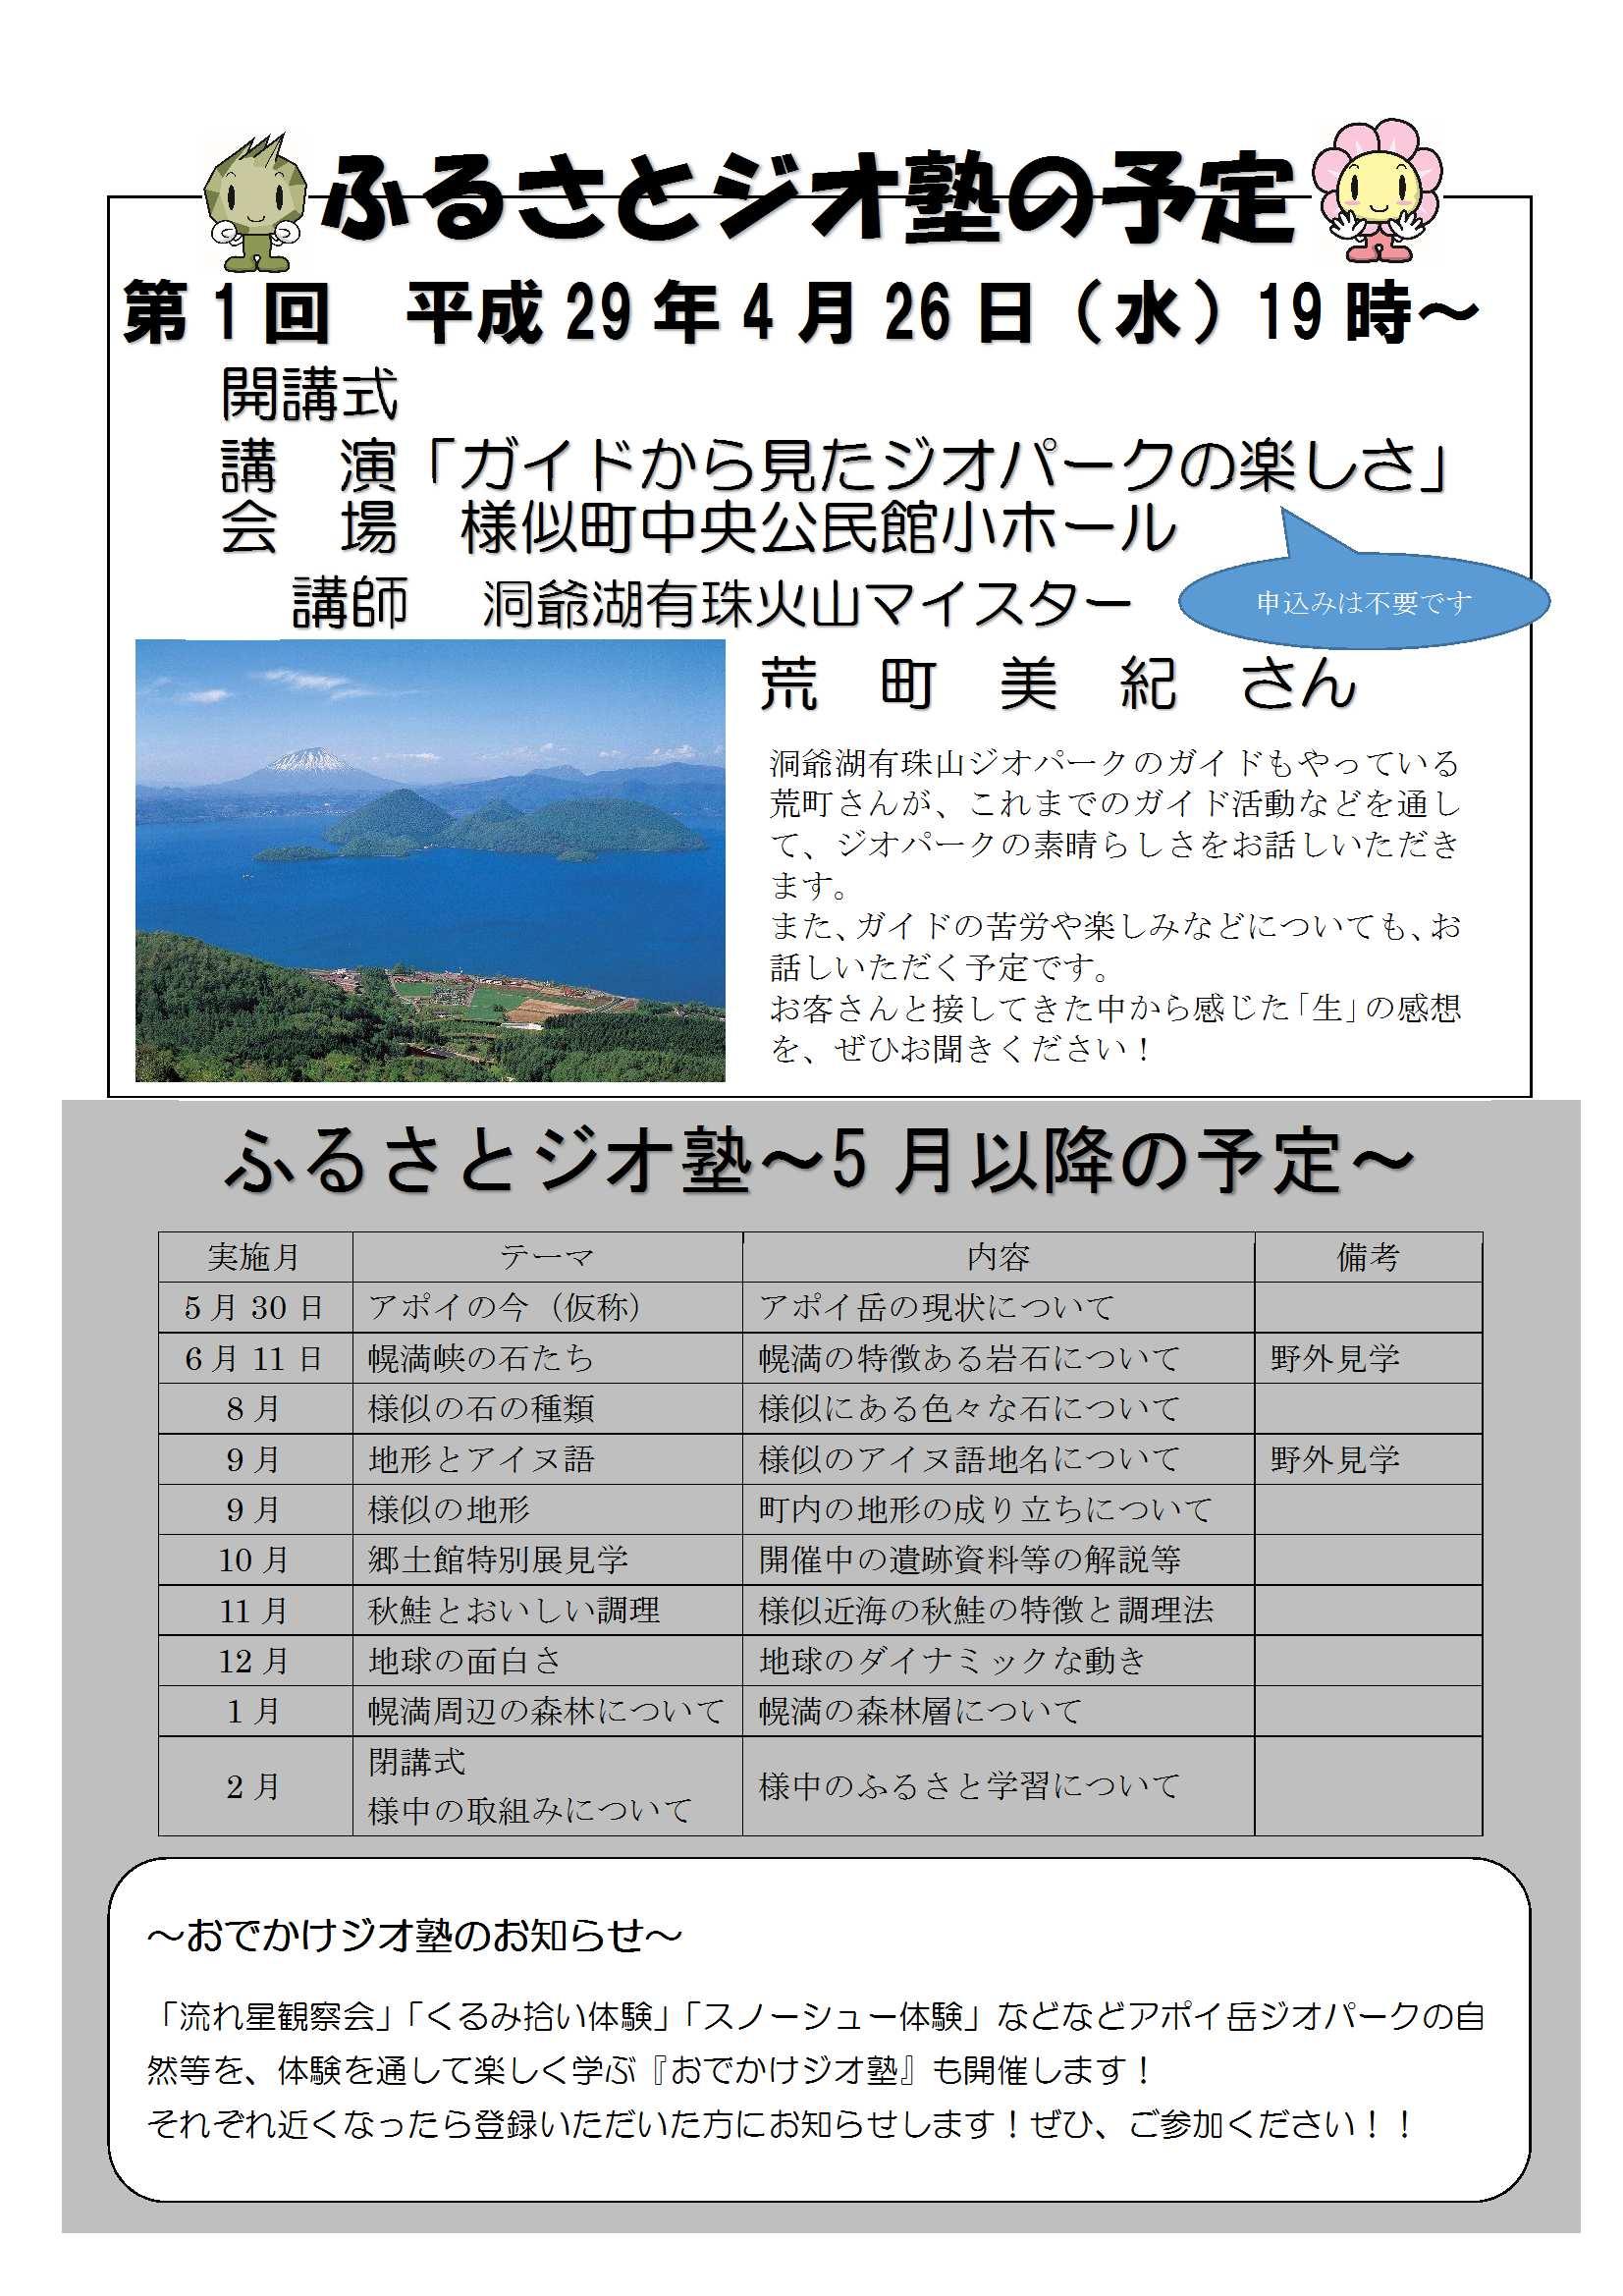 H29ジオ塾予定-2.jpg